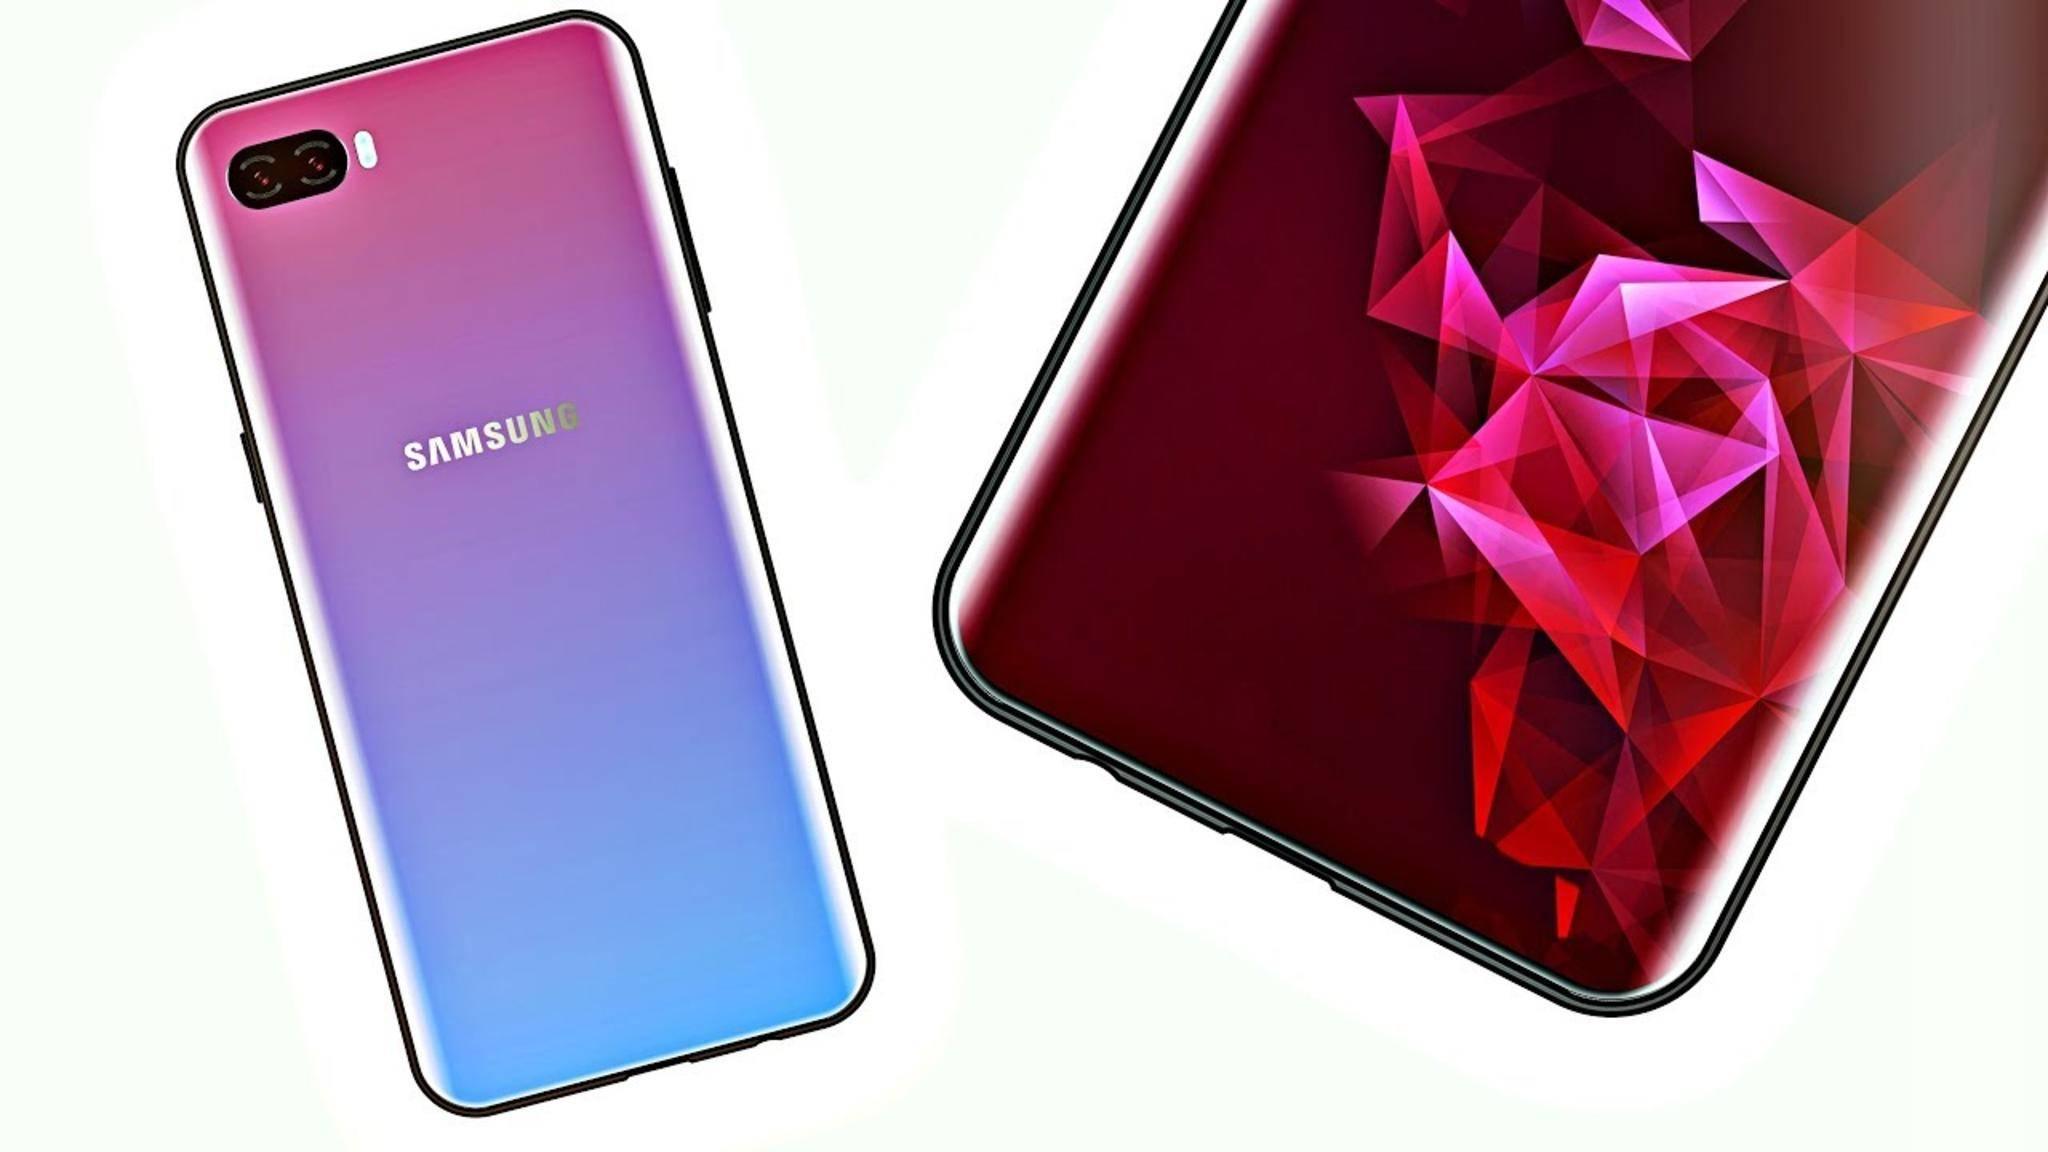 Das Galaxy S10 (Konzeptbild) soll noch einmal einen Sprung in Sachen Display machen.